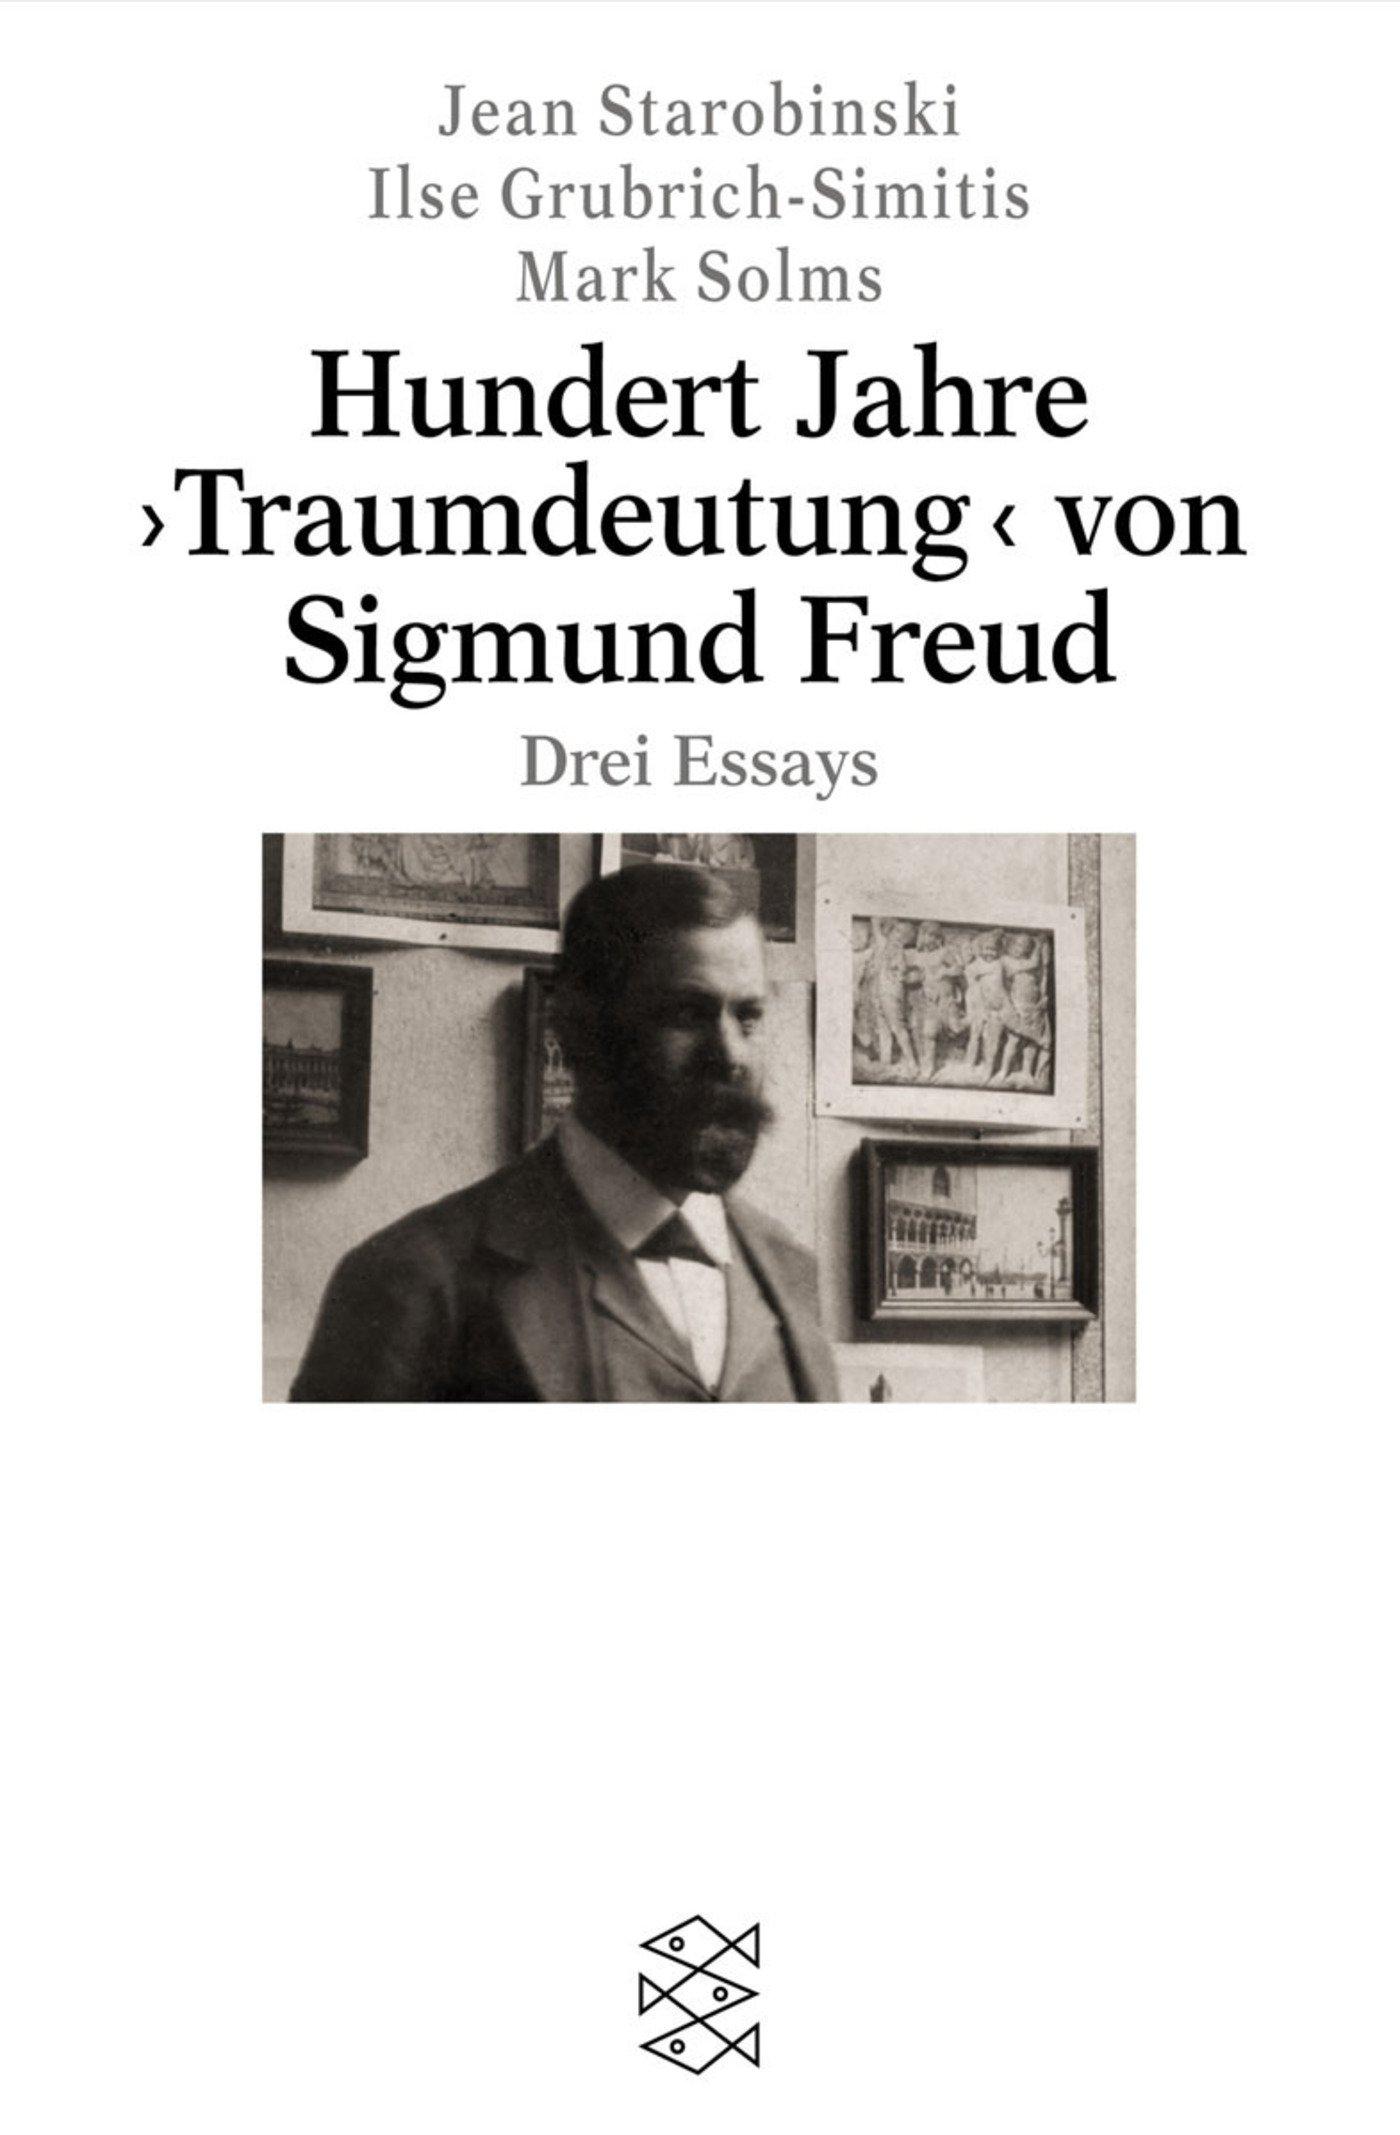 Hundert Jahre ›Traumdeutung‹ von Sigmund Freud